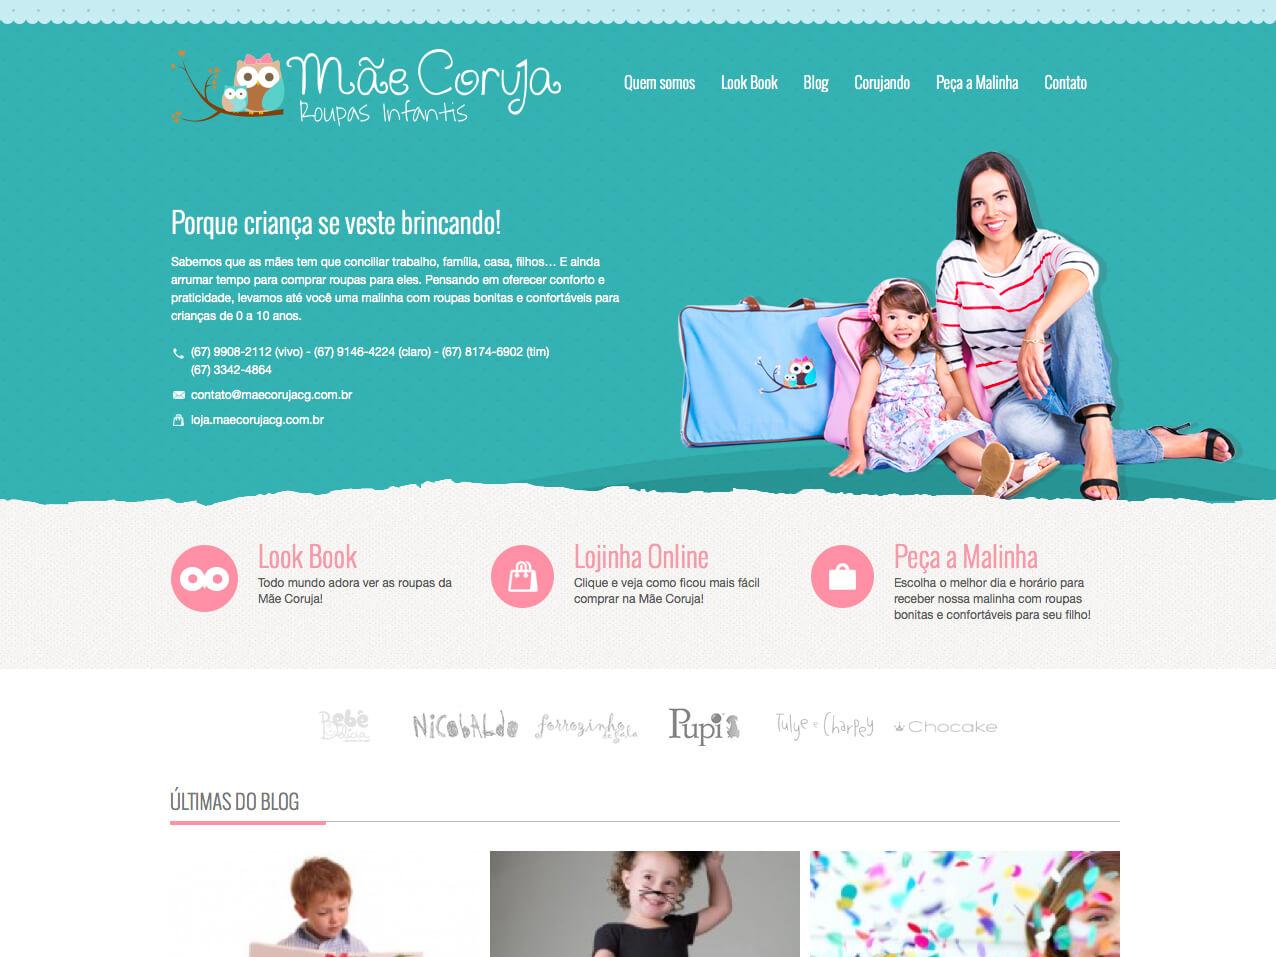 mae-coruja-screenshot